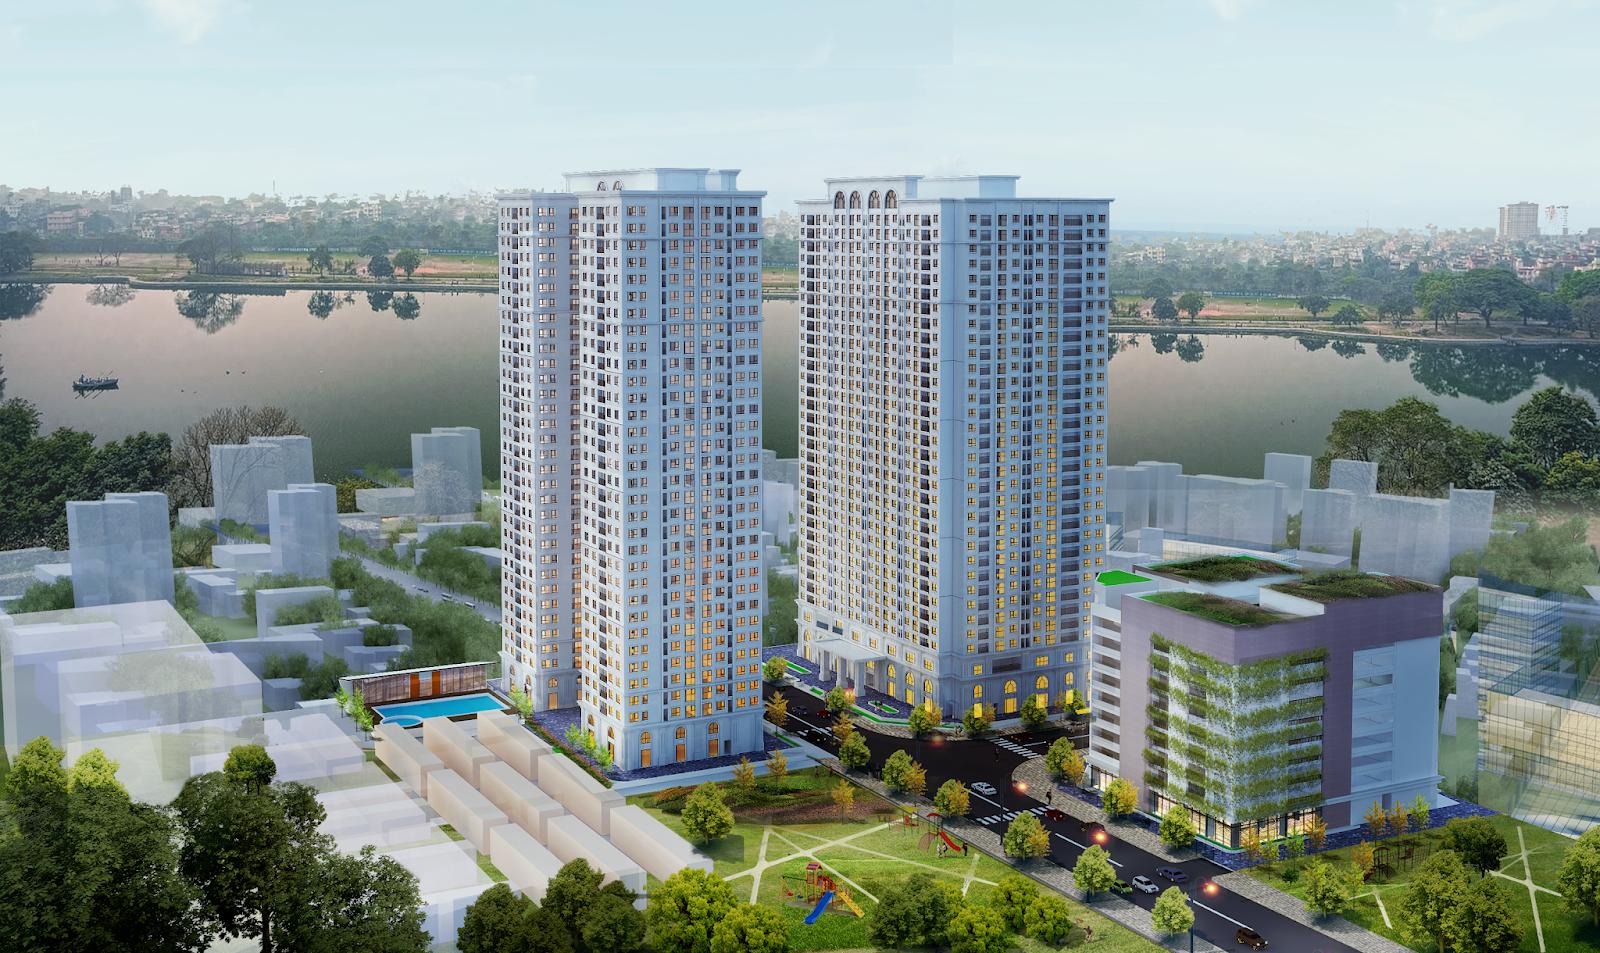 Phối cảnh dự án Eco Lake View với 2 toà căn hộ cao 32 tầng